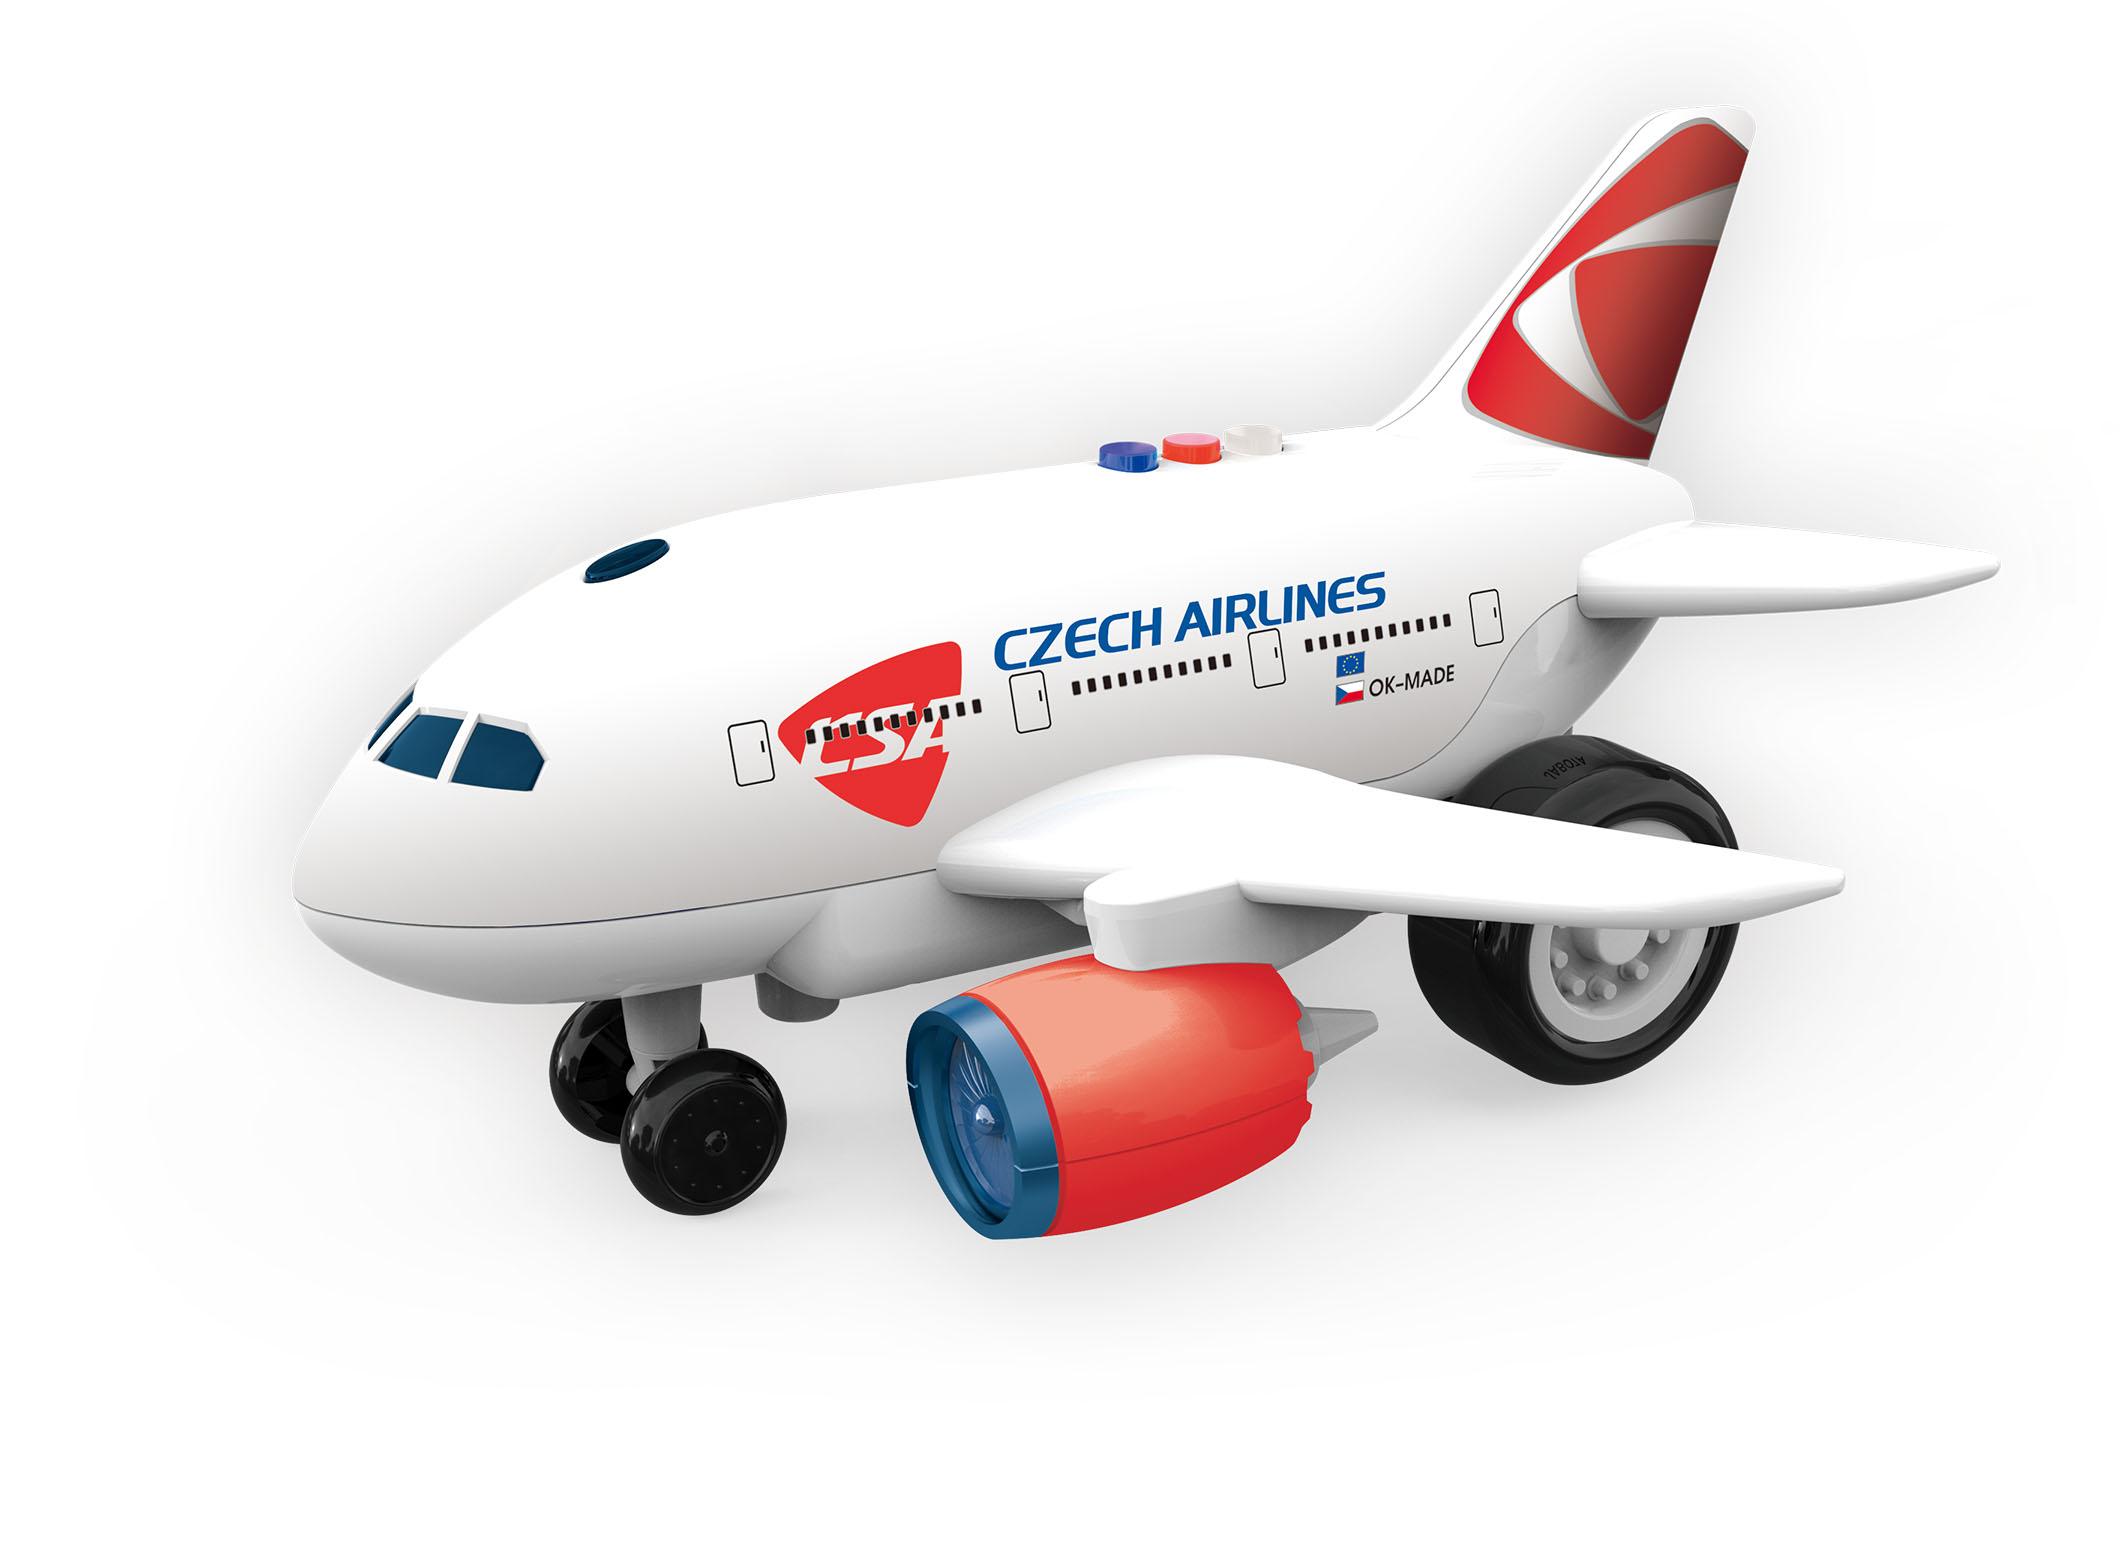 Letadlo ČSA s hlášením kapitána a letušky, na setrvačník